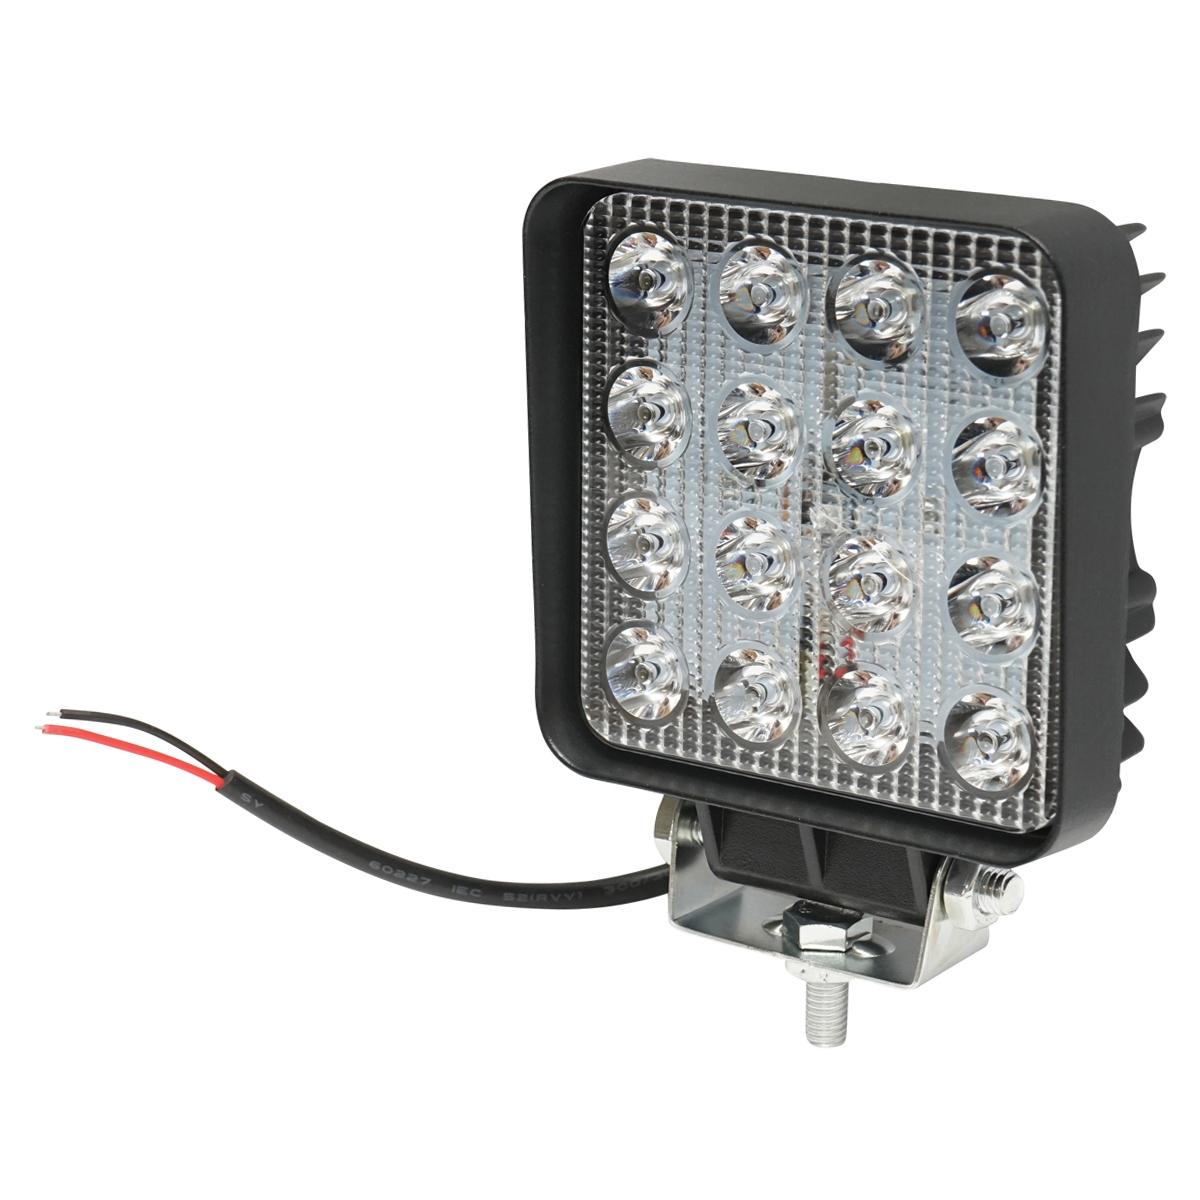 Lampa 16 LED-uri 10-30V 48W unghi de radiere 60 patrat